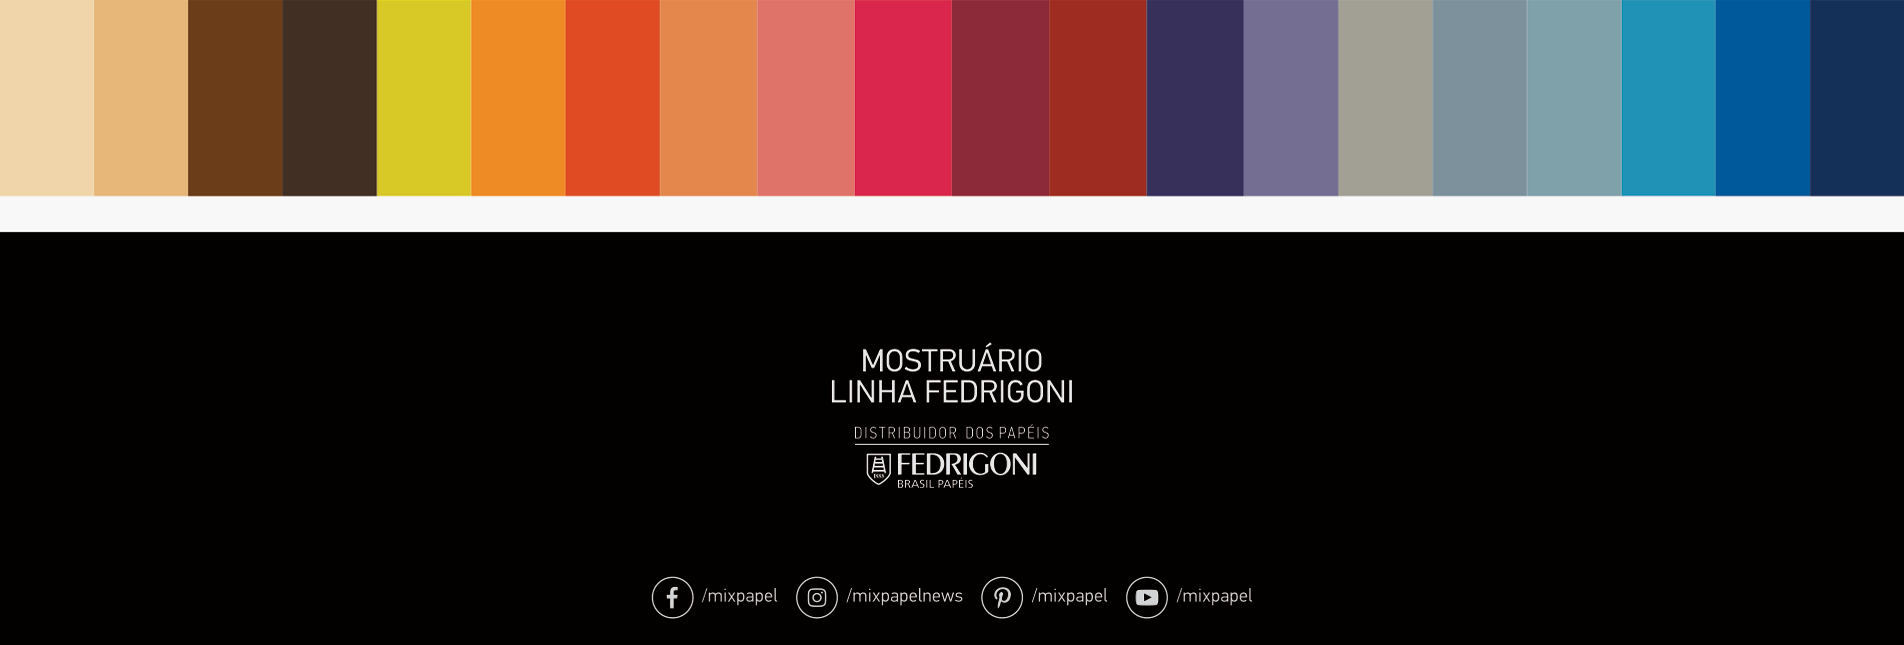 Mostruário Mixpapel - Fedrigoni vs02.1